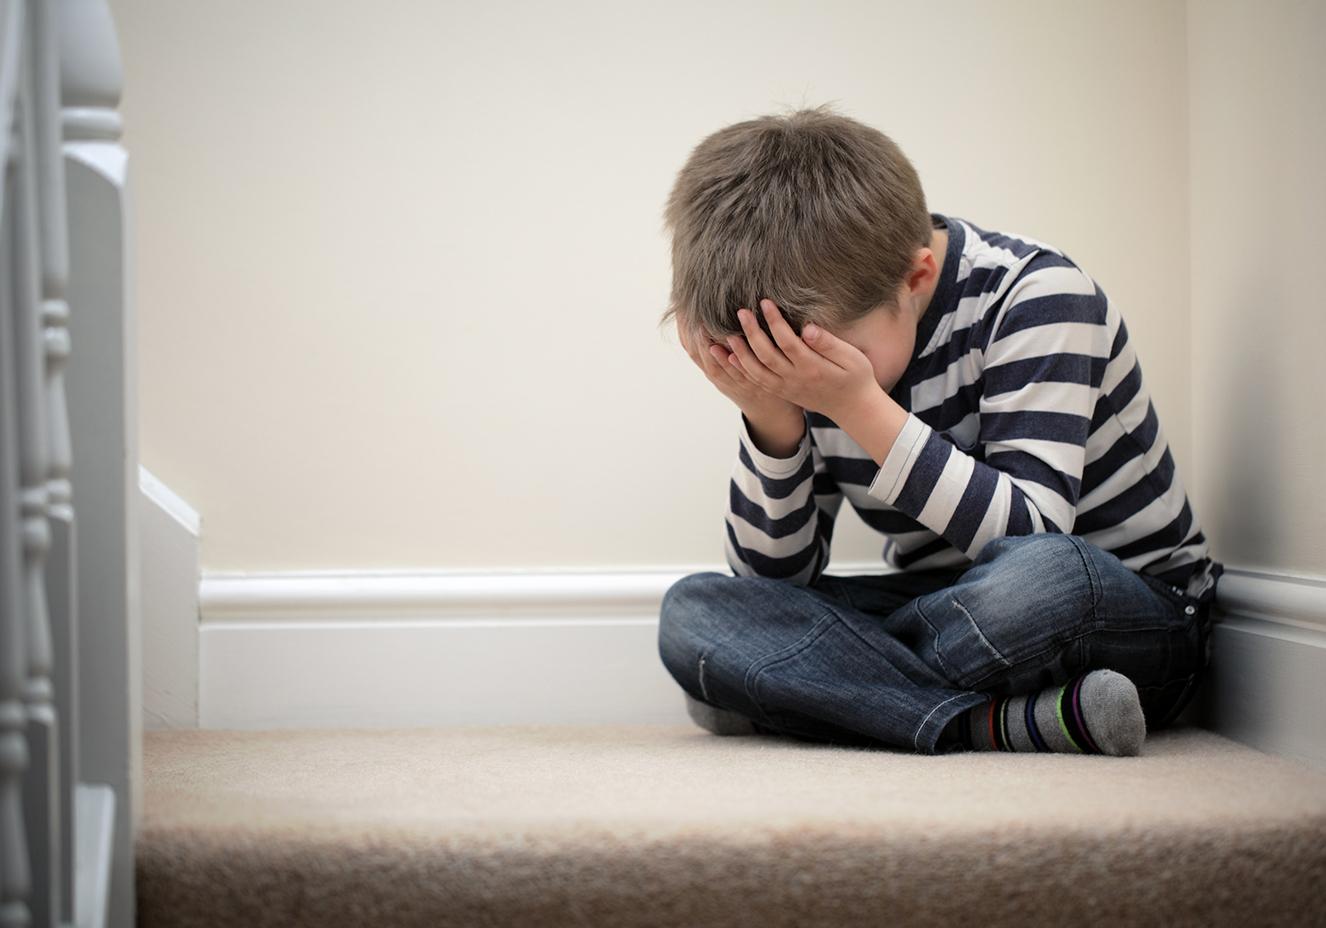 Aumento de casos de estresse entre crianças preocupa especialistas